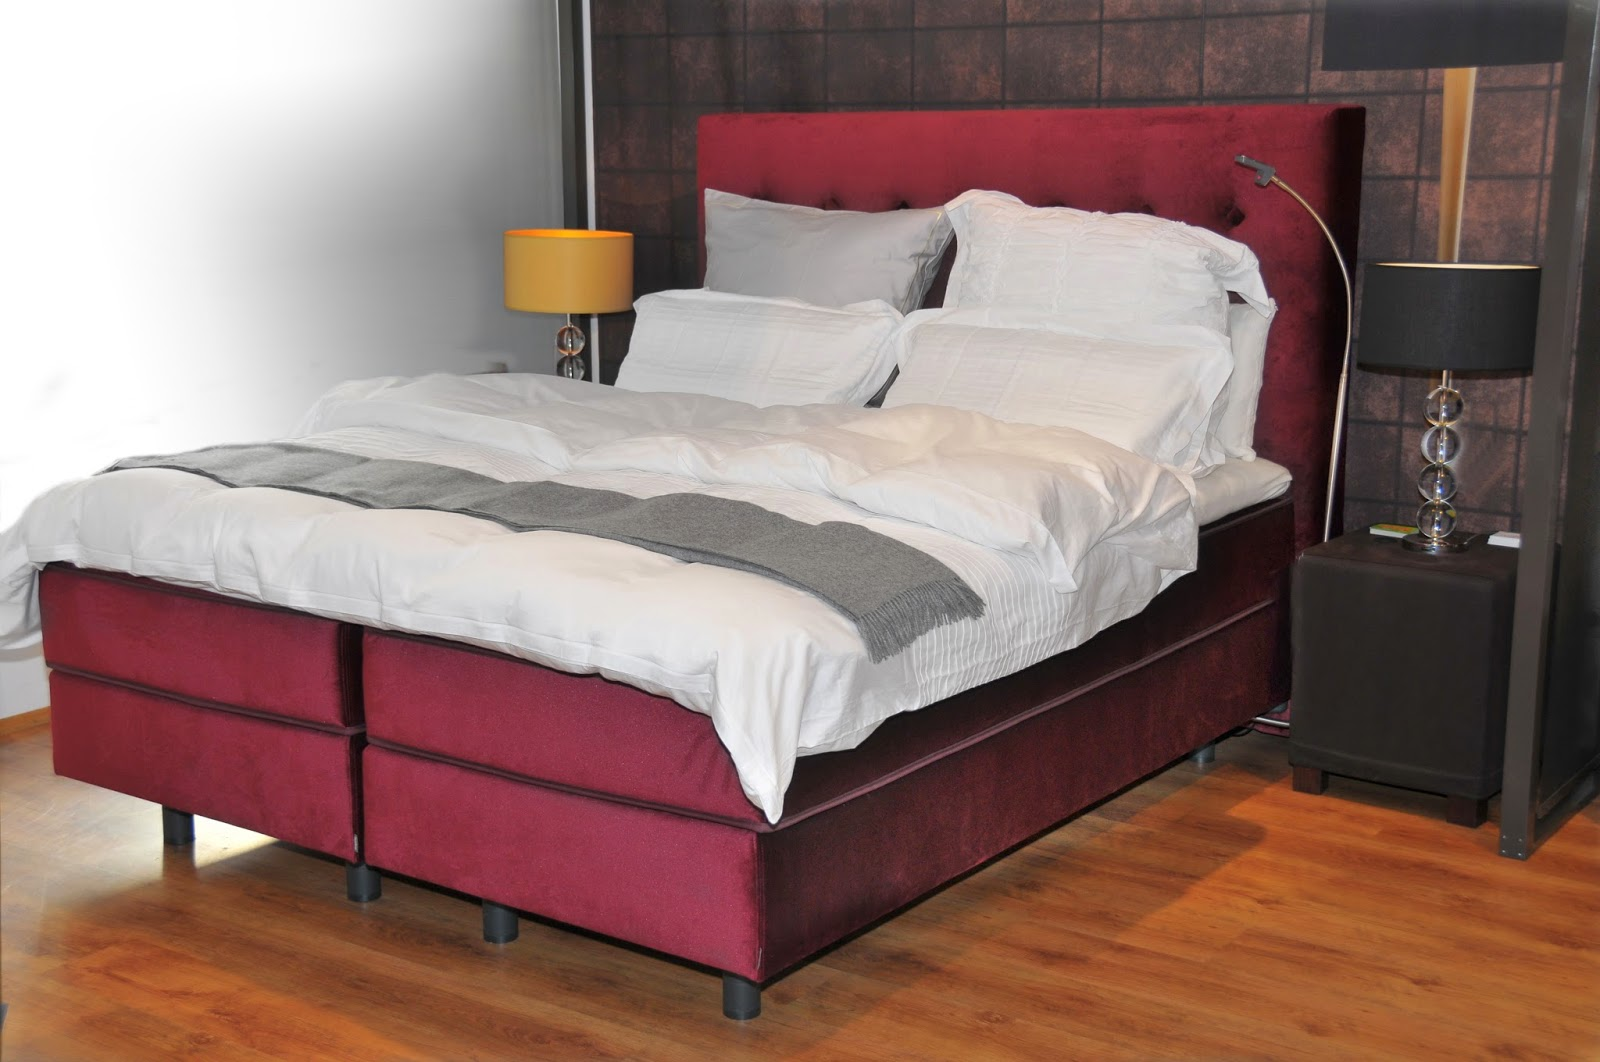 m bel ausstellungsst cke in m nchen bei der shogazi schlafkultur. Black Bedroom Furniture Sets. Home Design Ideas